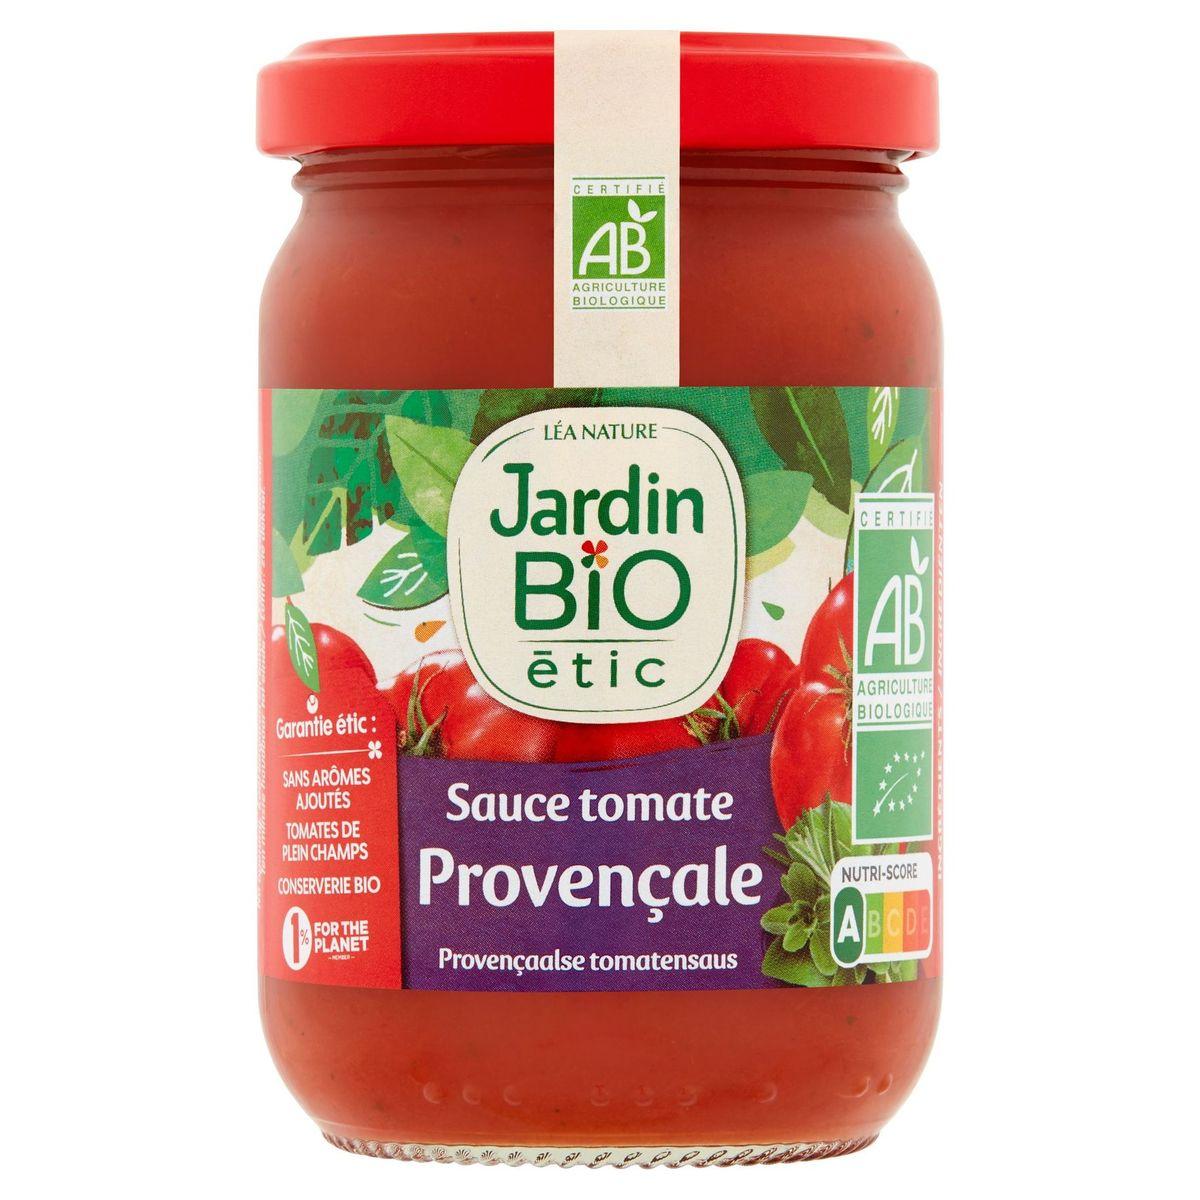 Jardin BiO ētic Sauce Tomate Provençale 200 g